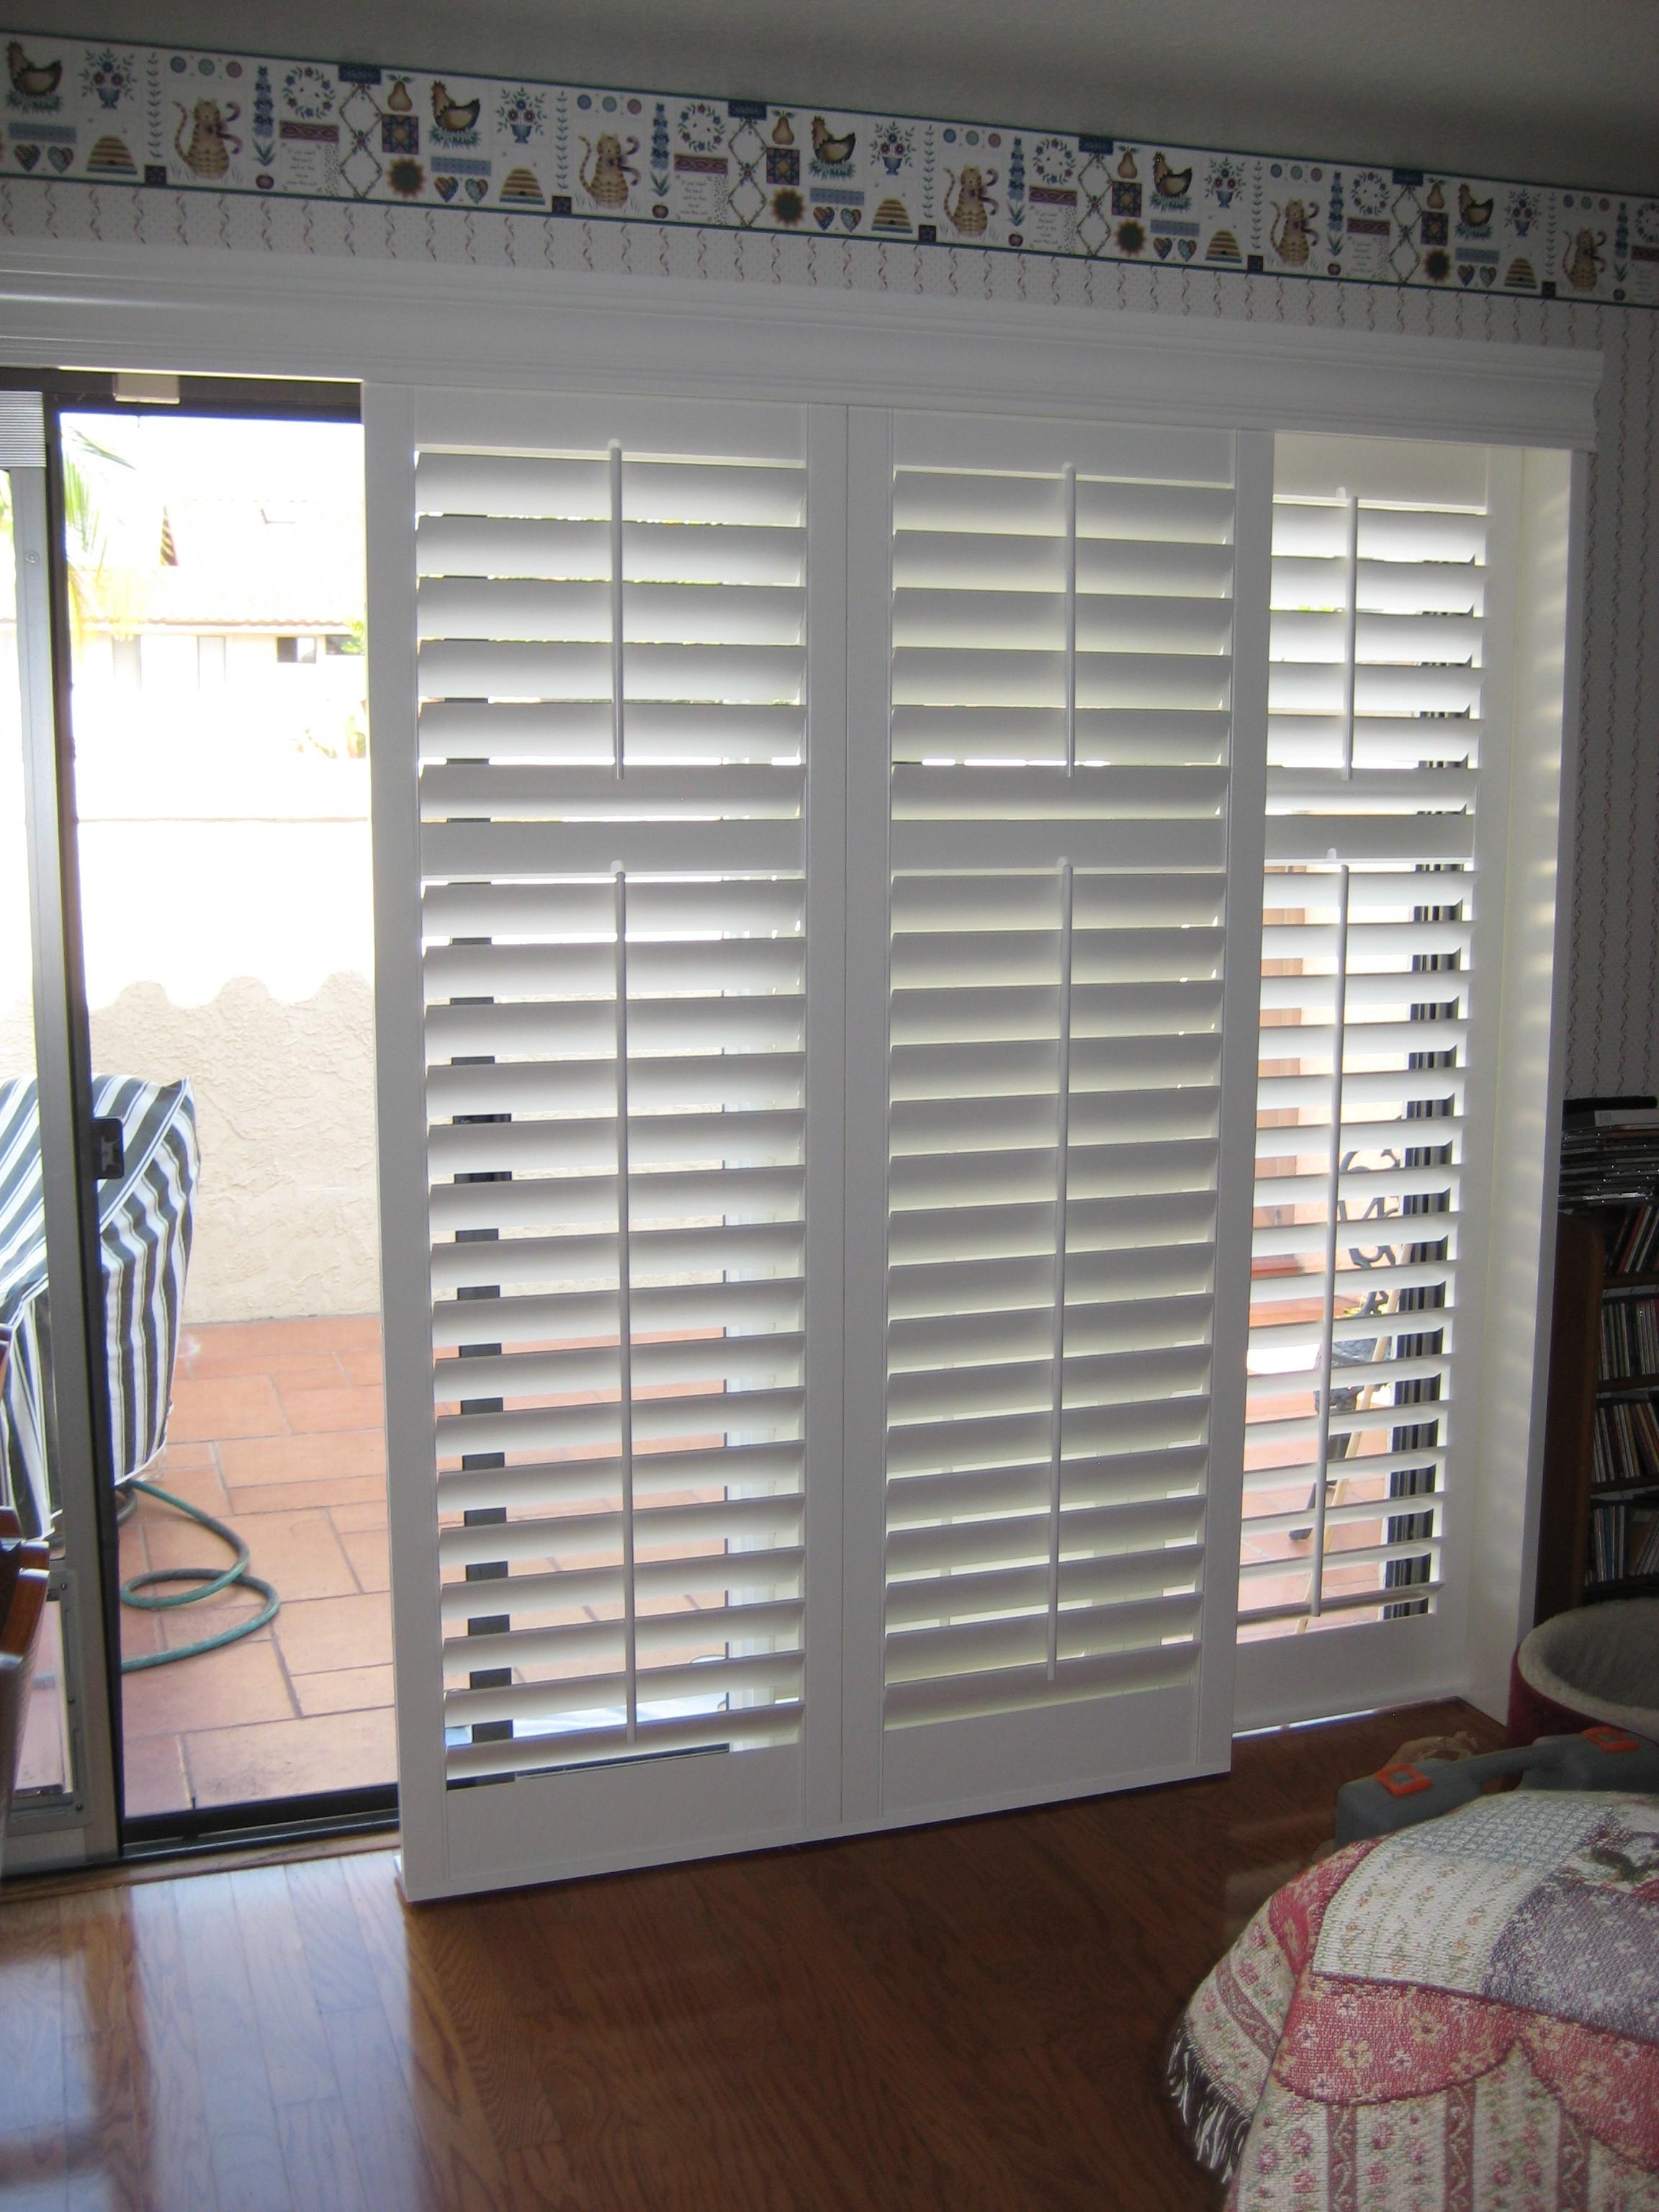 Custom Vertical Blinds For Sliding Glass DoorsCustom Vertical Blinds For Sliding Glass Doors